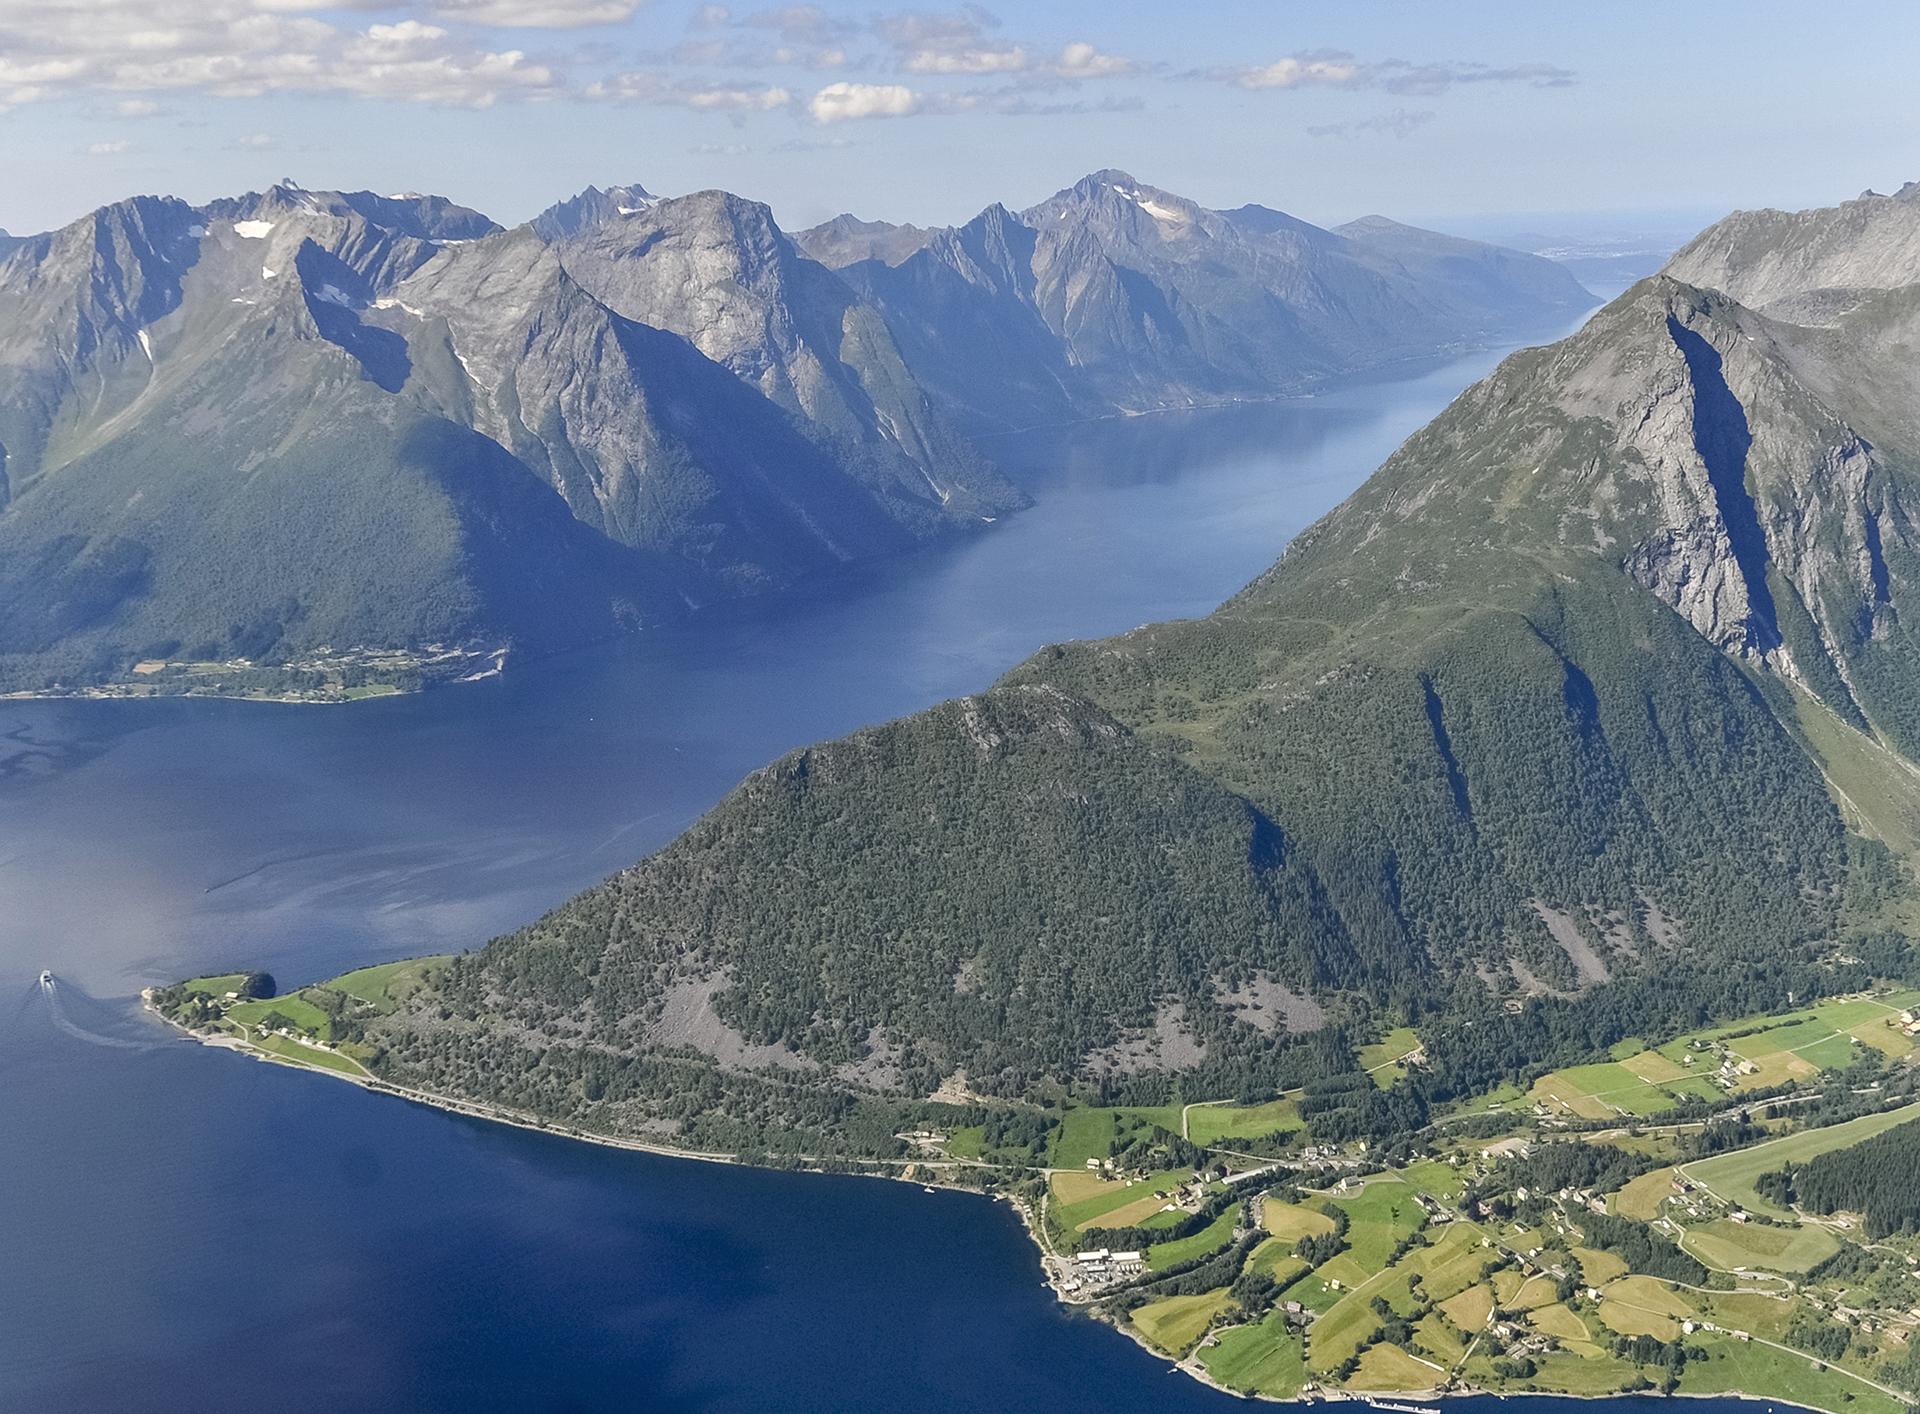 Flyfoto av Norangsdalen - Hjørundfjorden. Foto: Per Urke